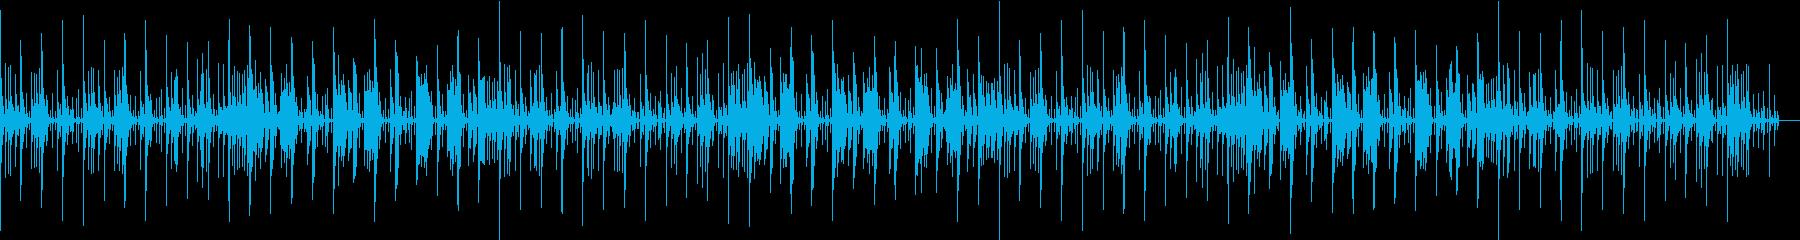 日常•のんき•ほのぼの系bgmの再生済みの波形